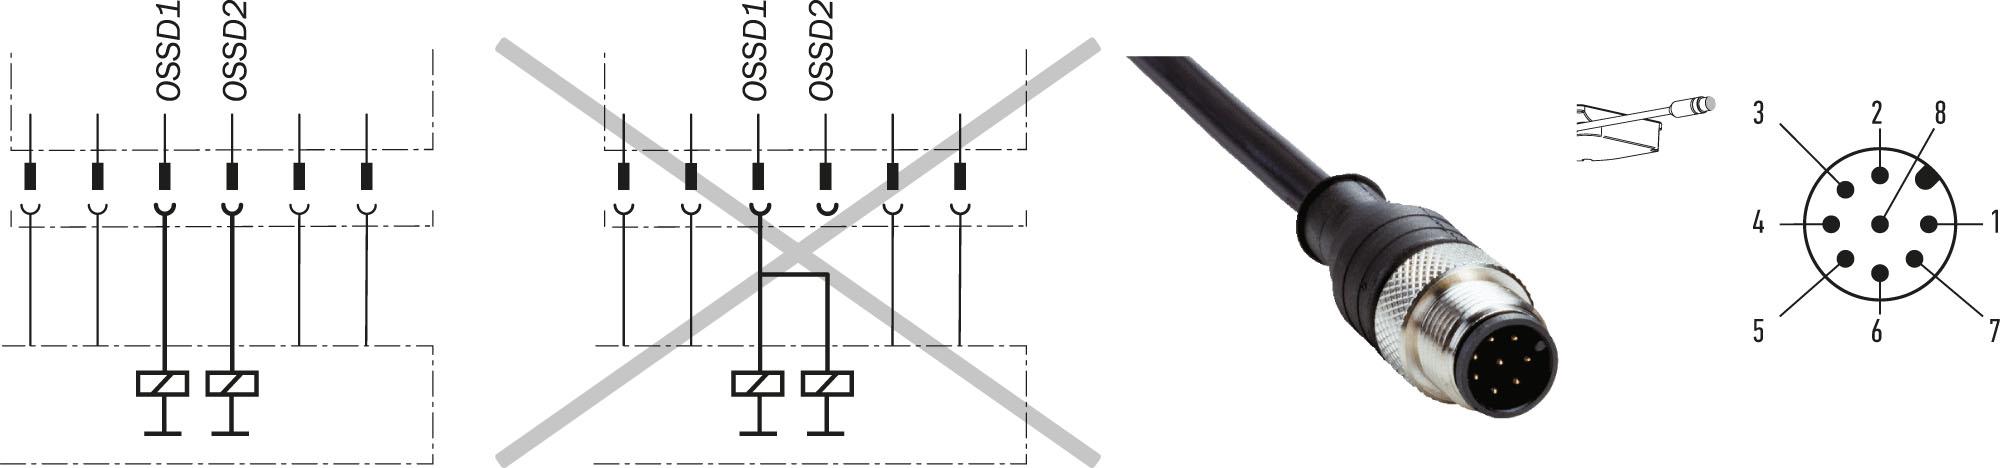 Рис. 6. Схема подключения сканера семейства microScan3 Core: а) схема подключения; б) внешний вид разъема (вилка M12); в) нумерация контактов разъема